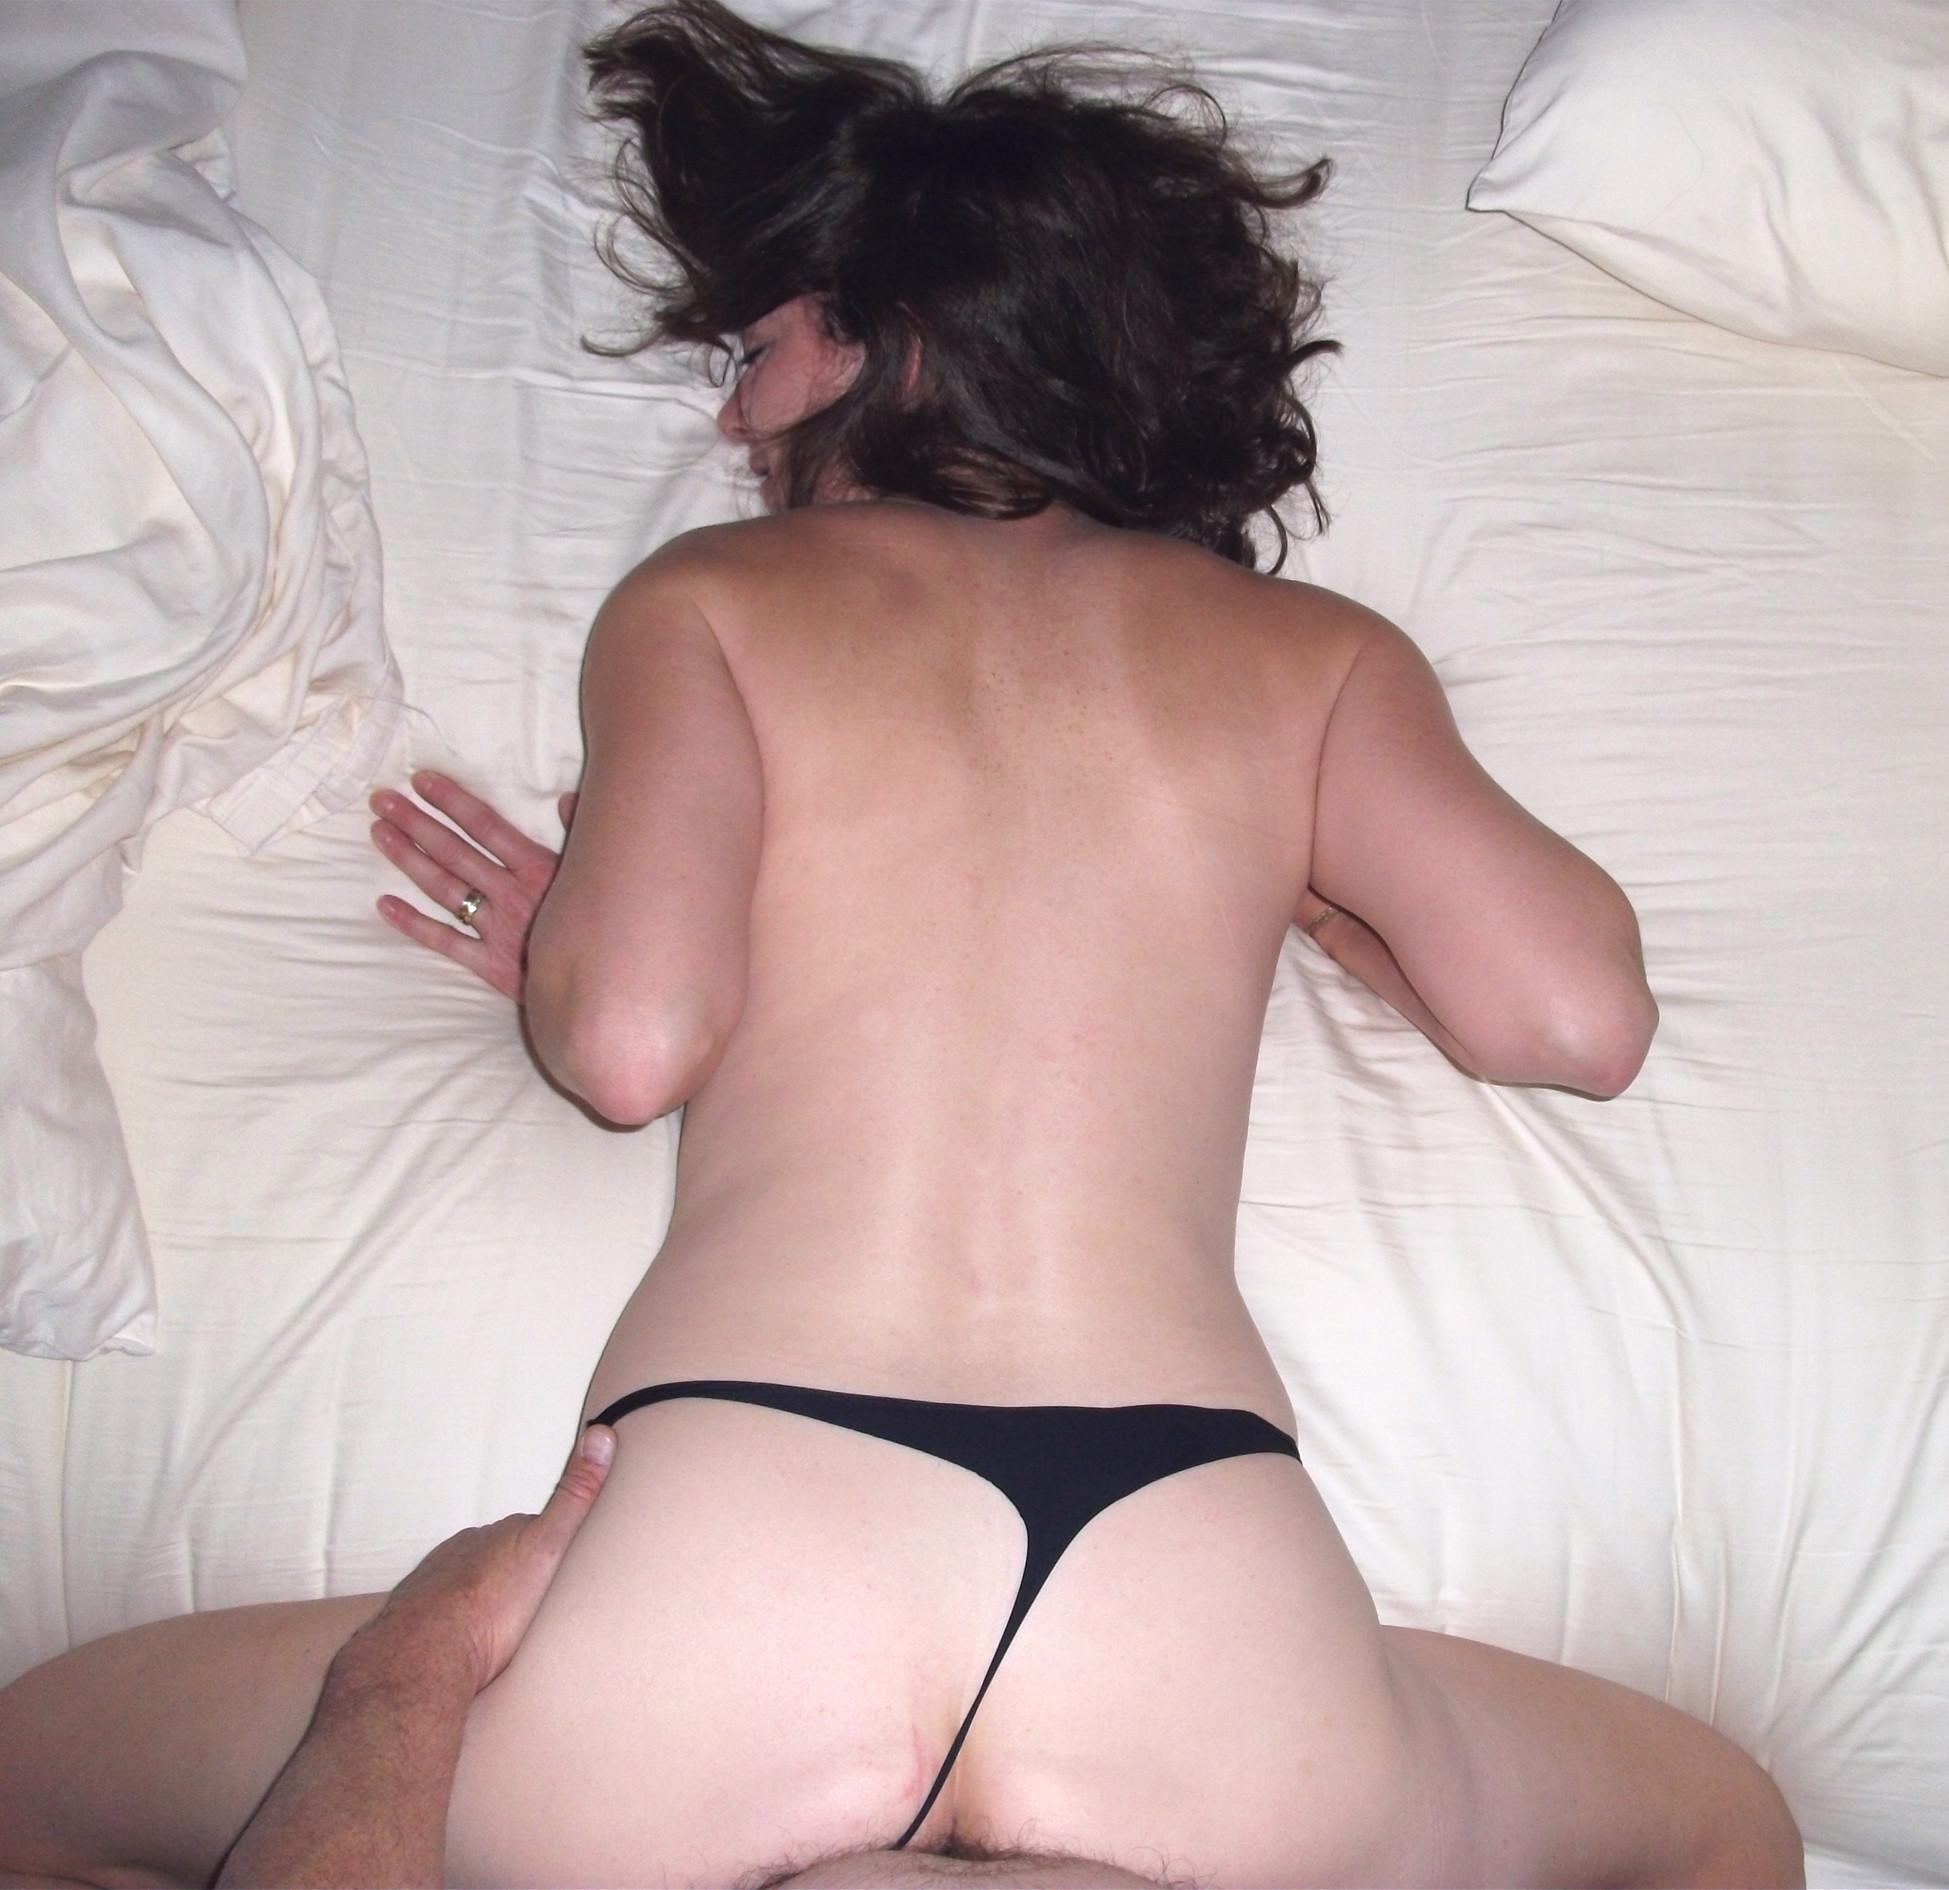 Женщину снимают во время занятия секса, но она старается не показывает свое лицо при этом